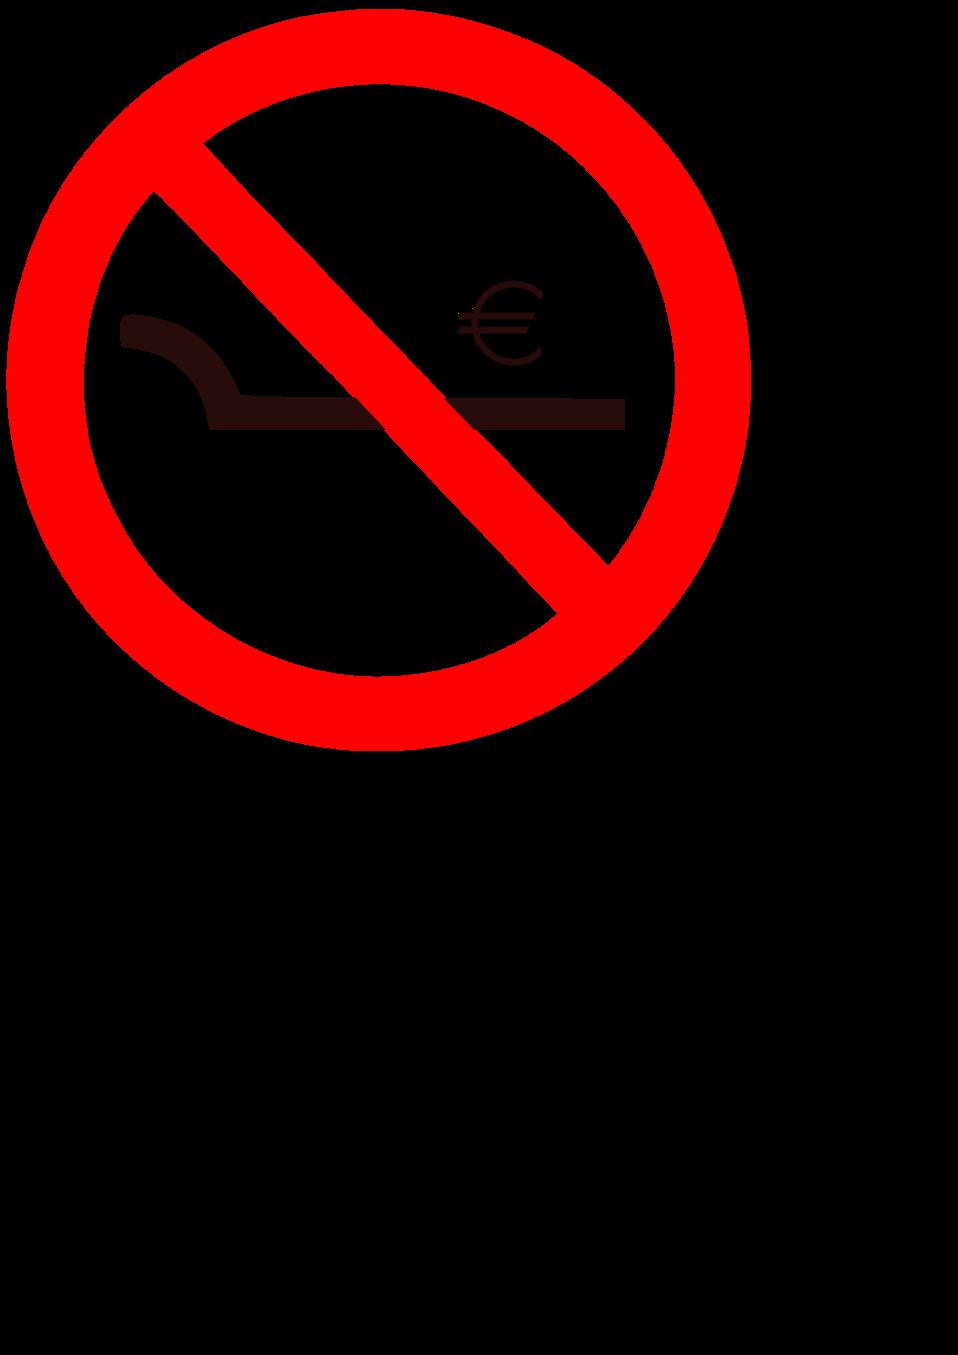 Exploitation Prohibited